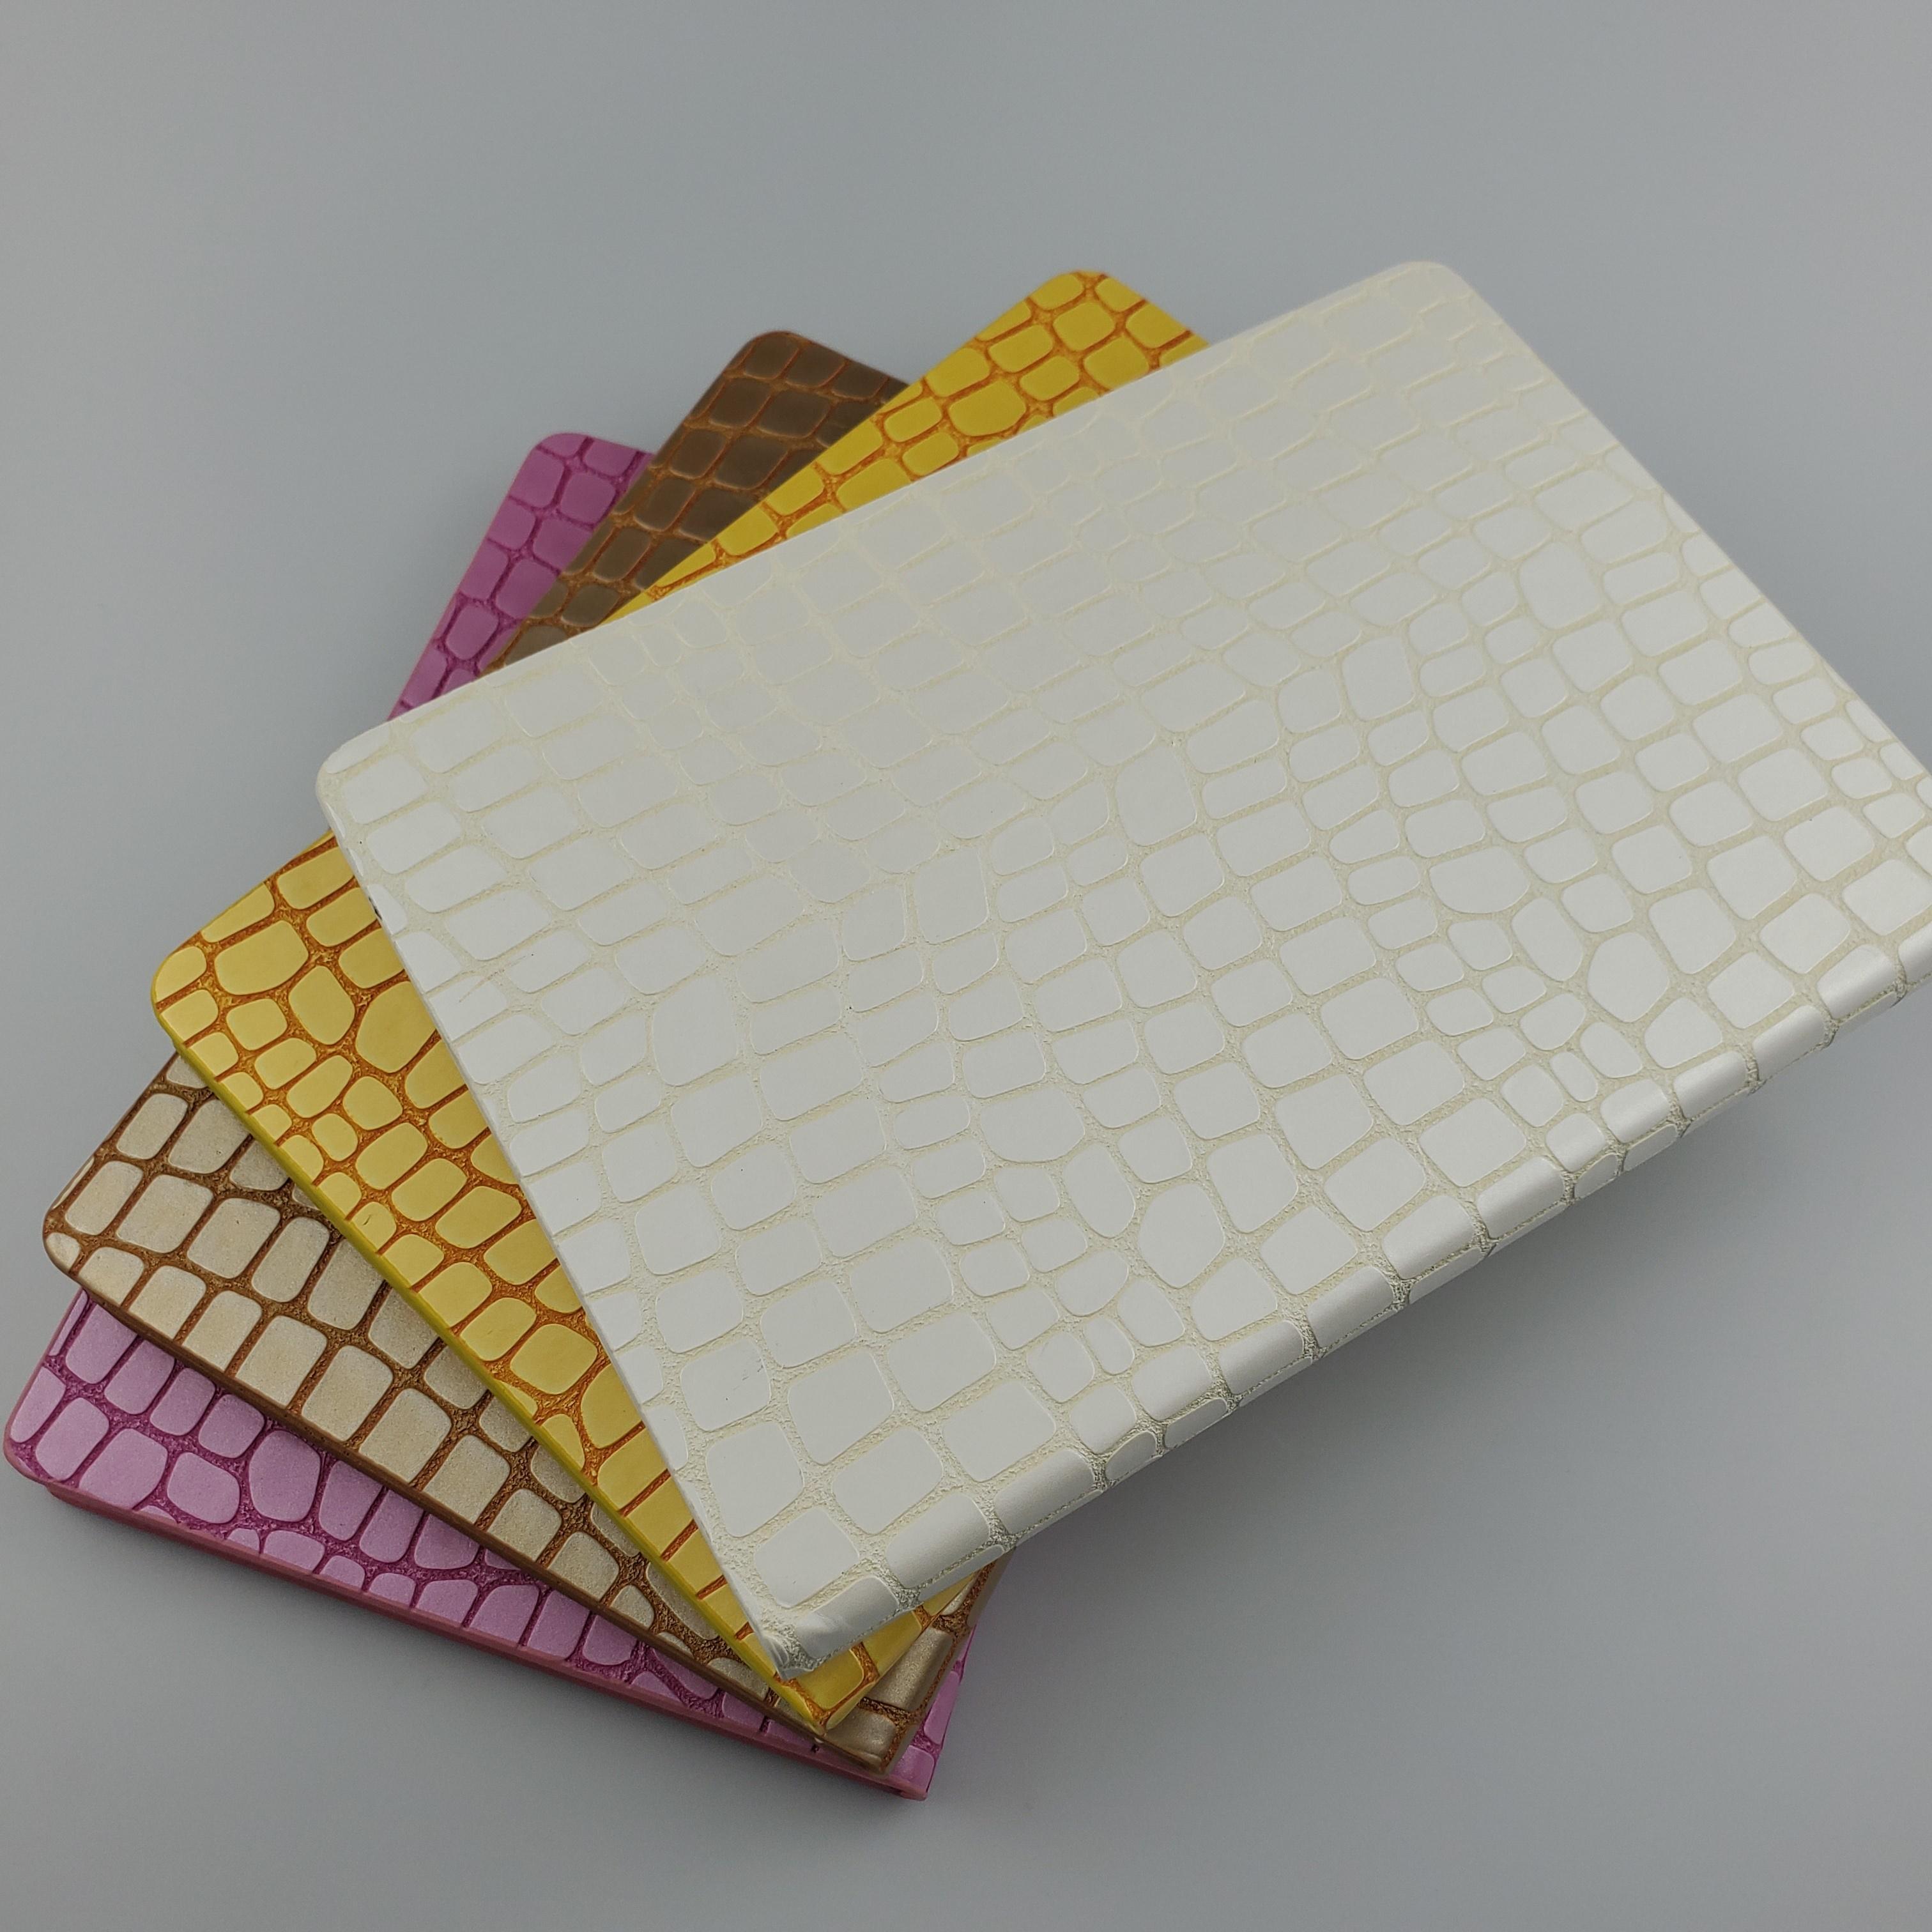 Запись ноутбука Notepad Sketchbook дневник писать и рисунок многоцелевой обложки PU кожаный материал